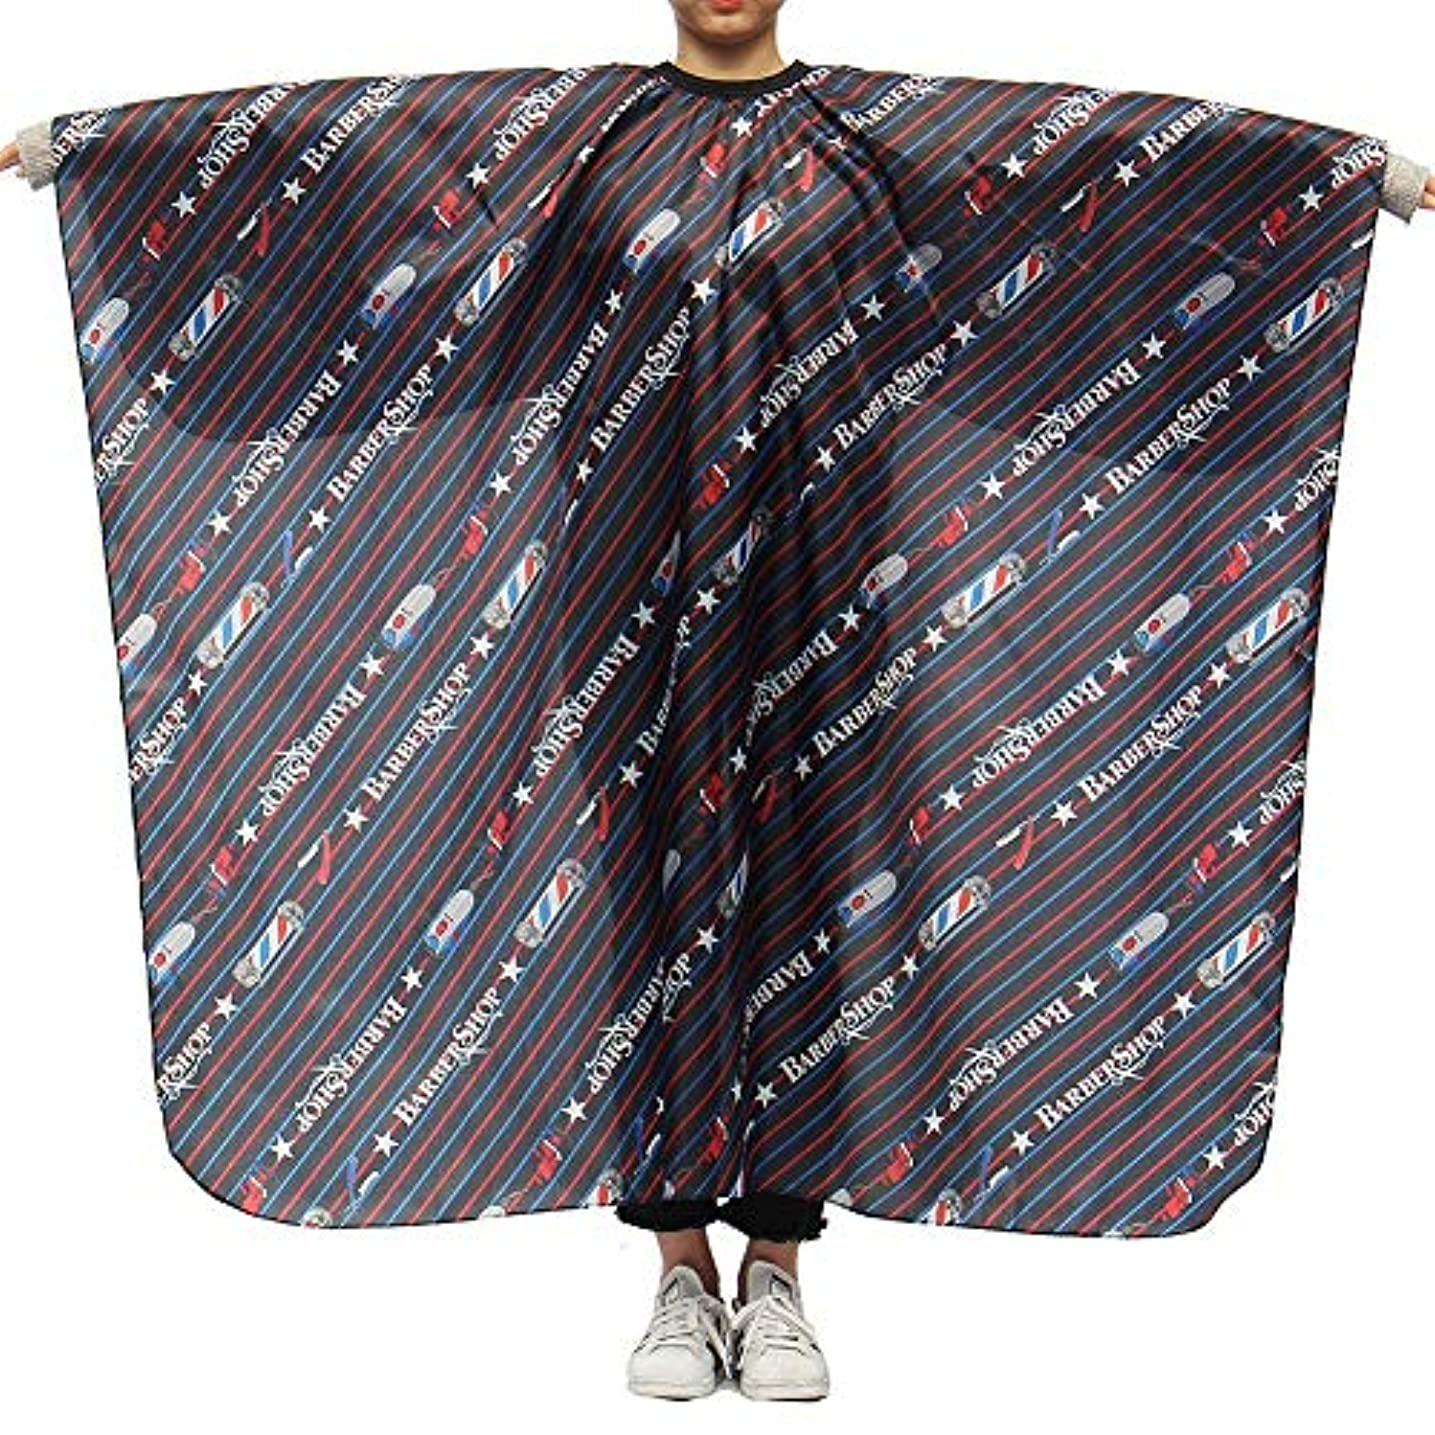 アレルギー性小石大学院Brill(ブリーオ)-ビューティー 理髪ケープ 理髪布 家庭用 店用 通気性 滑らか ポリエステル製